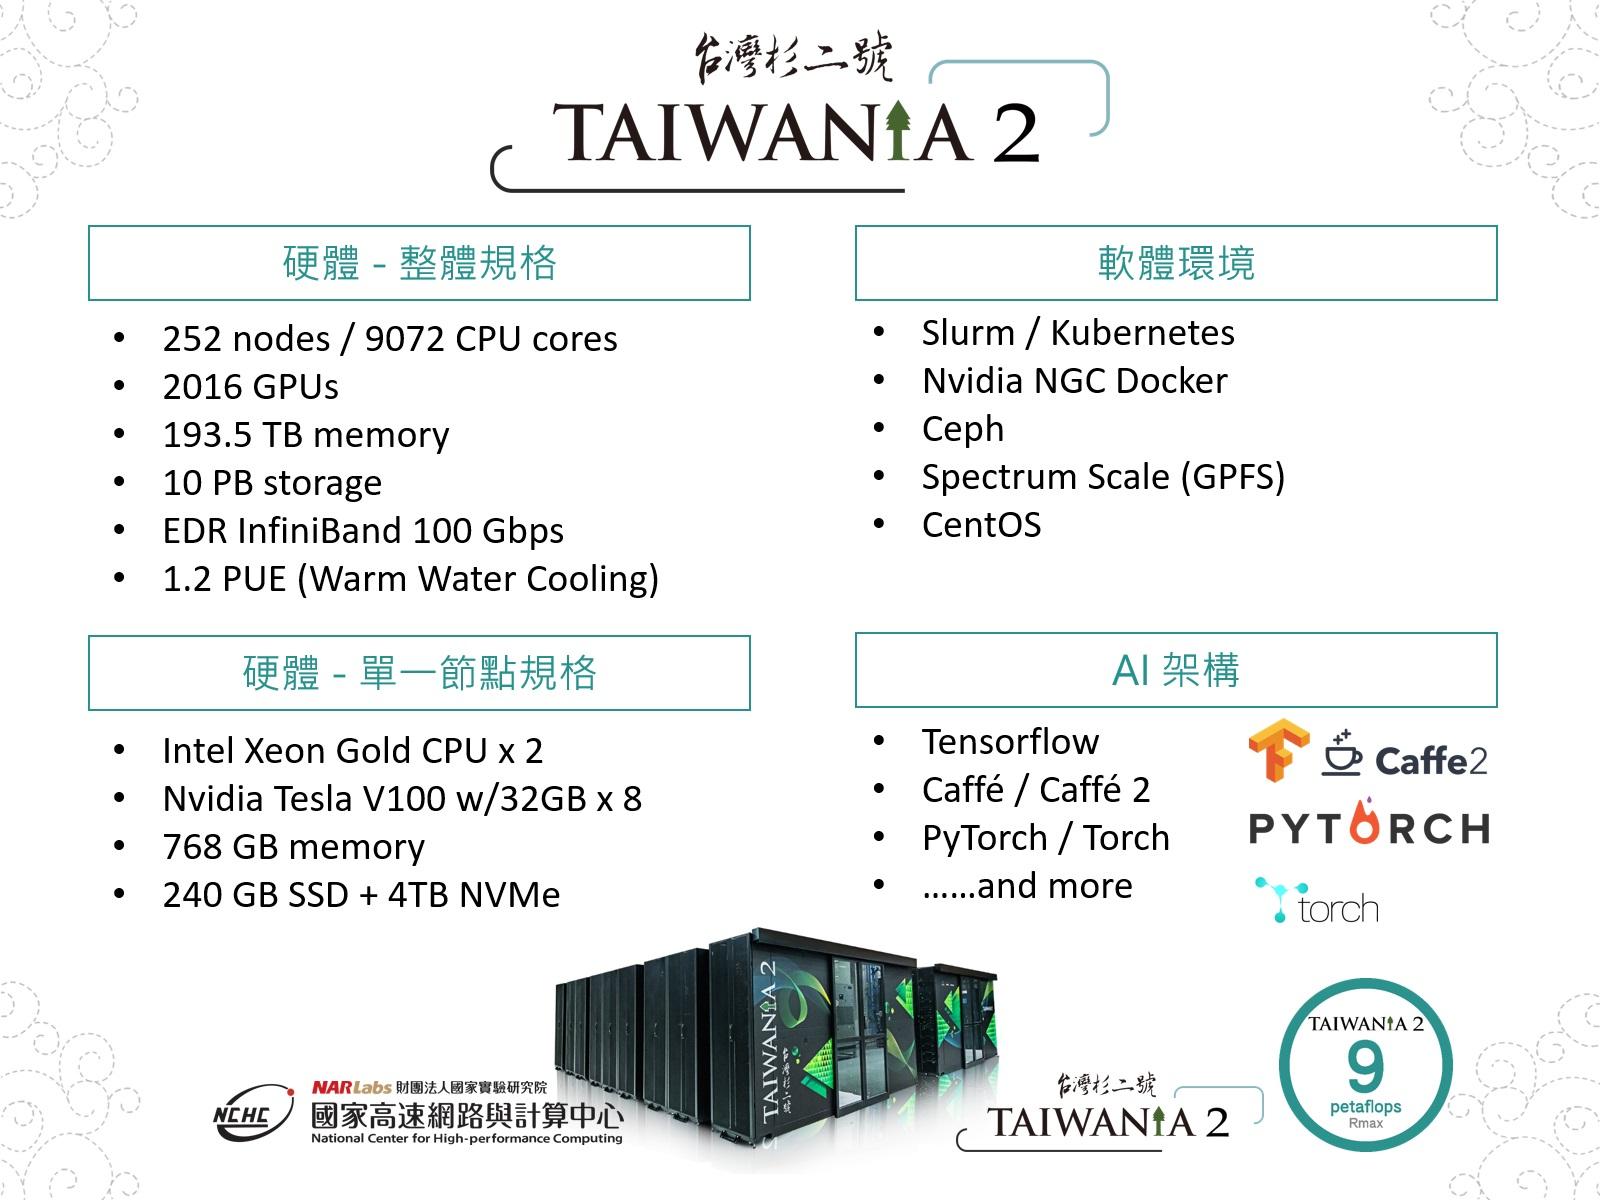 圖二:TAIWANIA 2規格